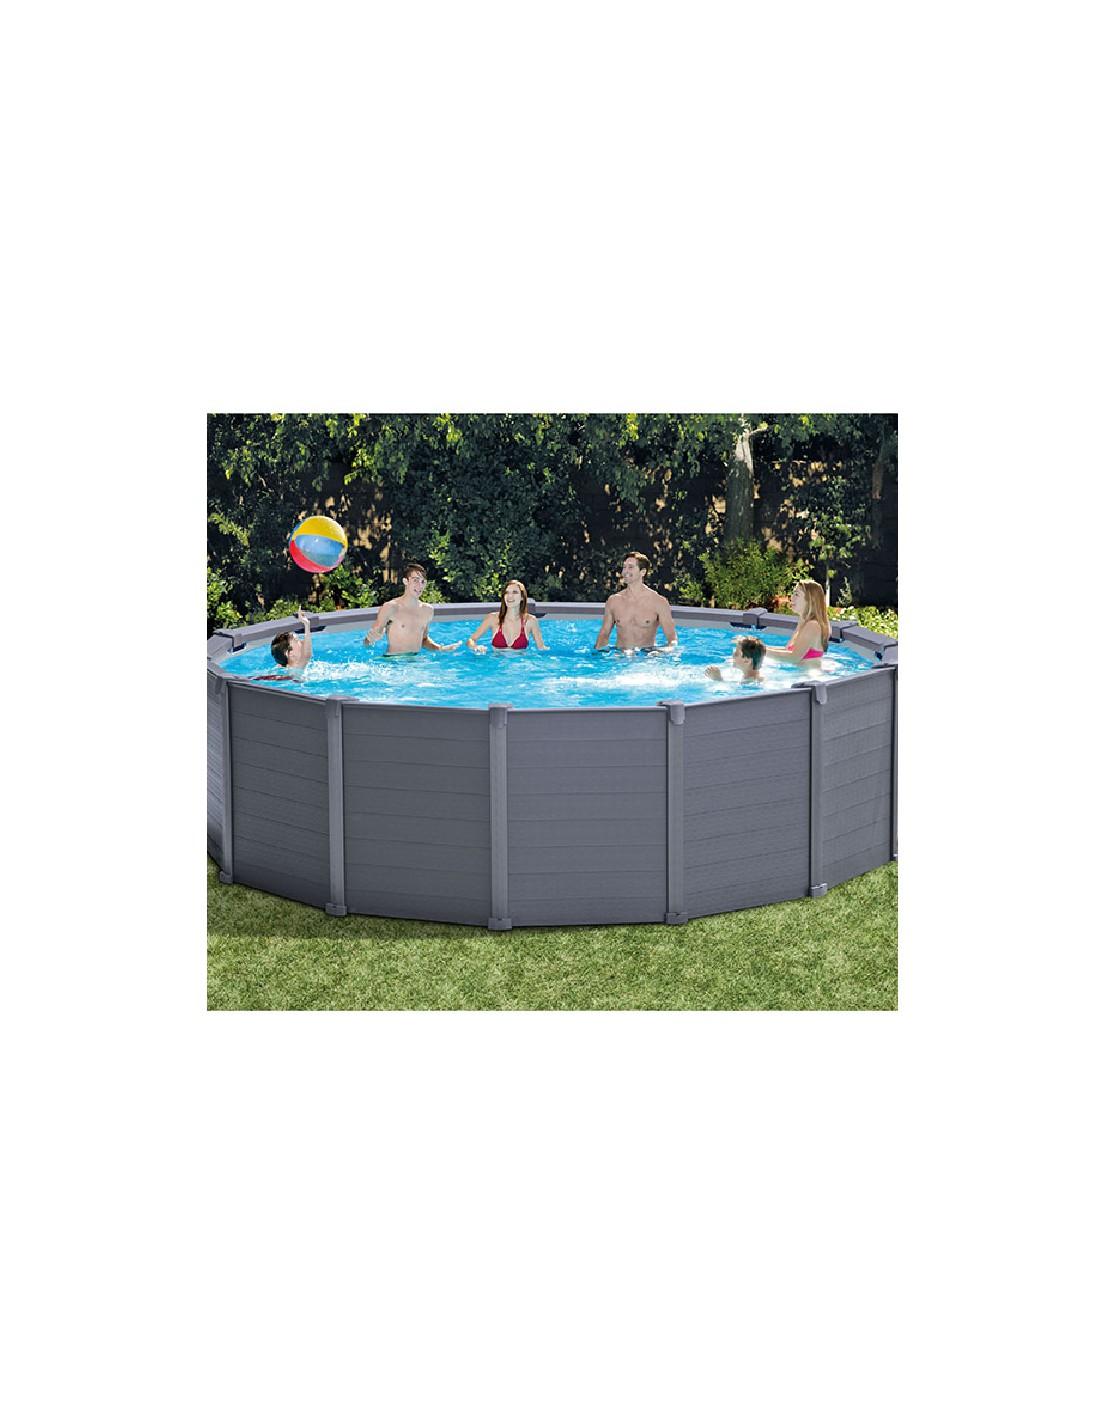 piscine graphite 4 78x1 24m intex eau